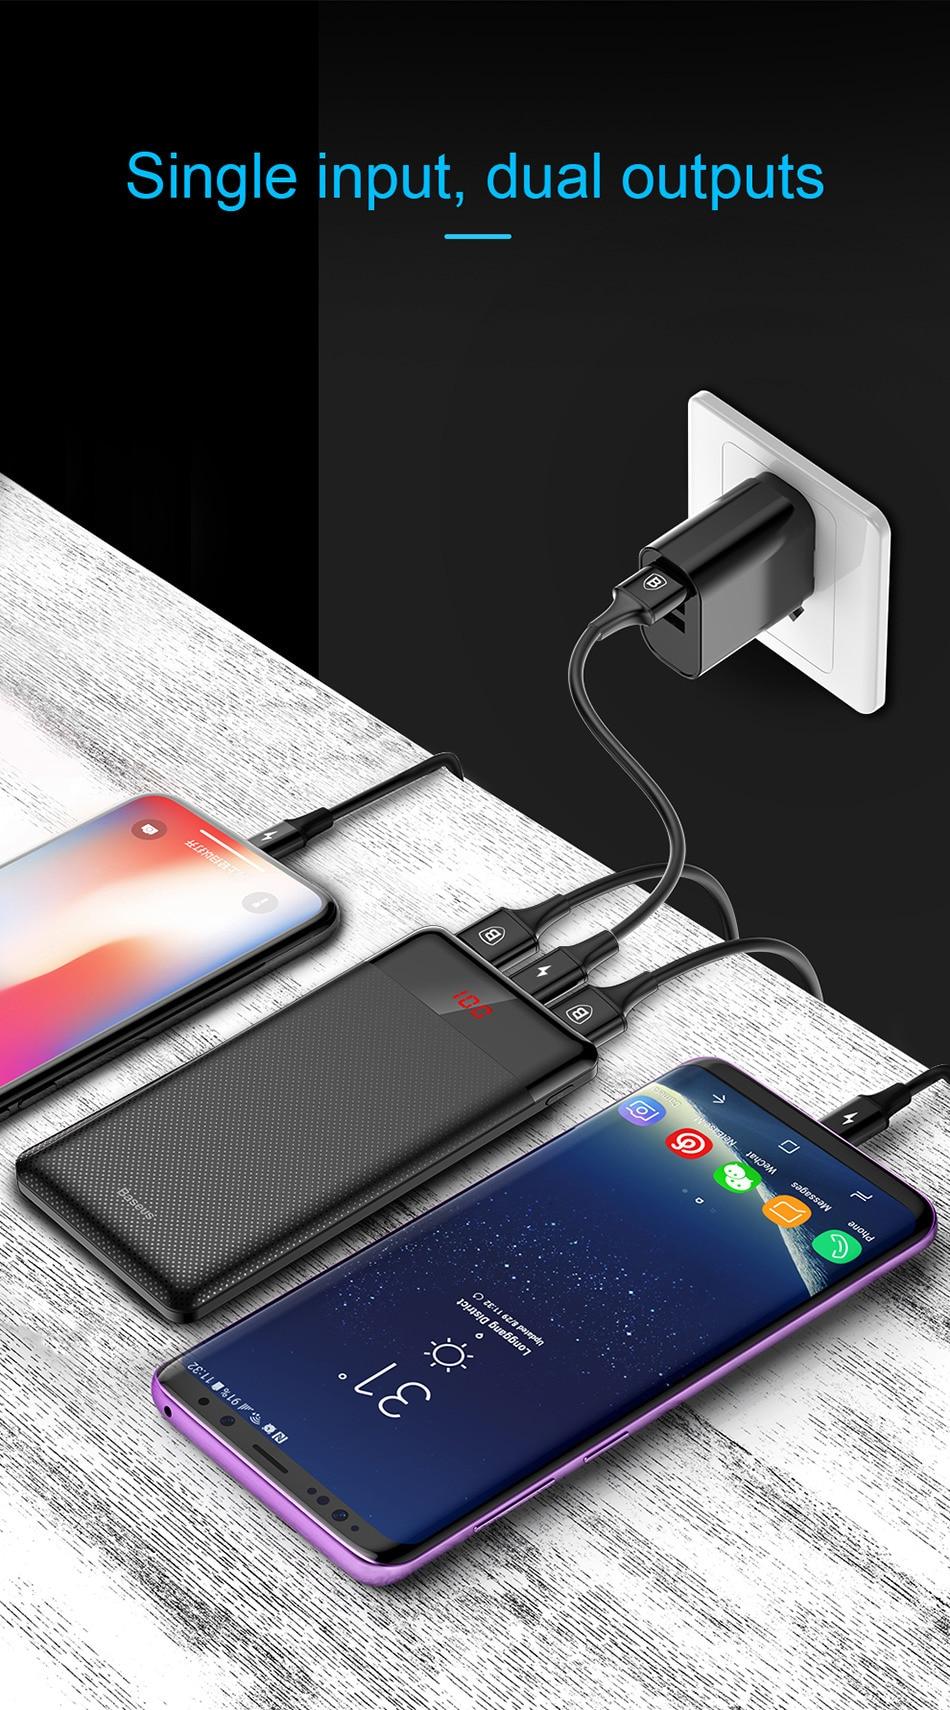 Baseus 10000 мАч Мощность/ч, тонкое USB Мощность банк 10000 мАч повербанк Портативный телефона с двумя USB выходами Батарея Зарядное устройство для Xiaomi Mi 3 iPhone